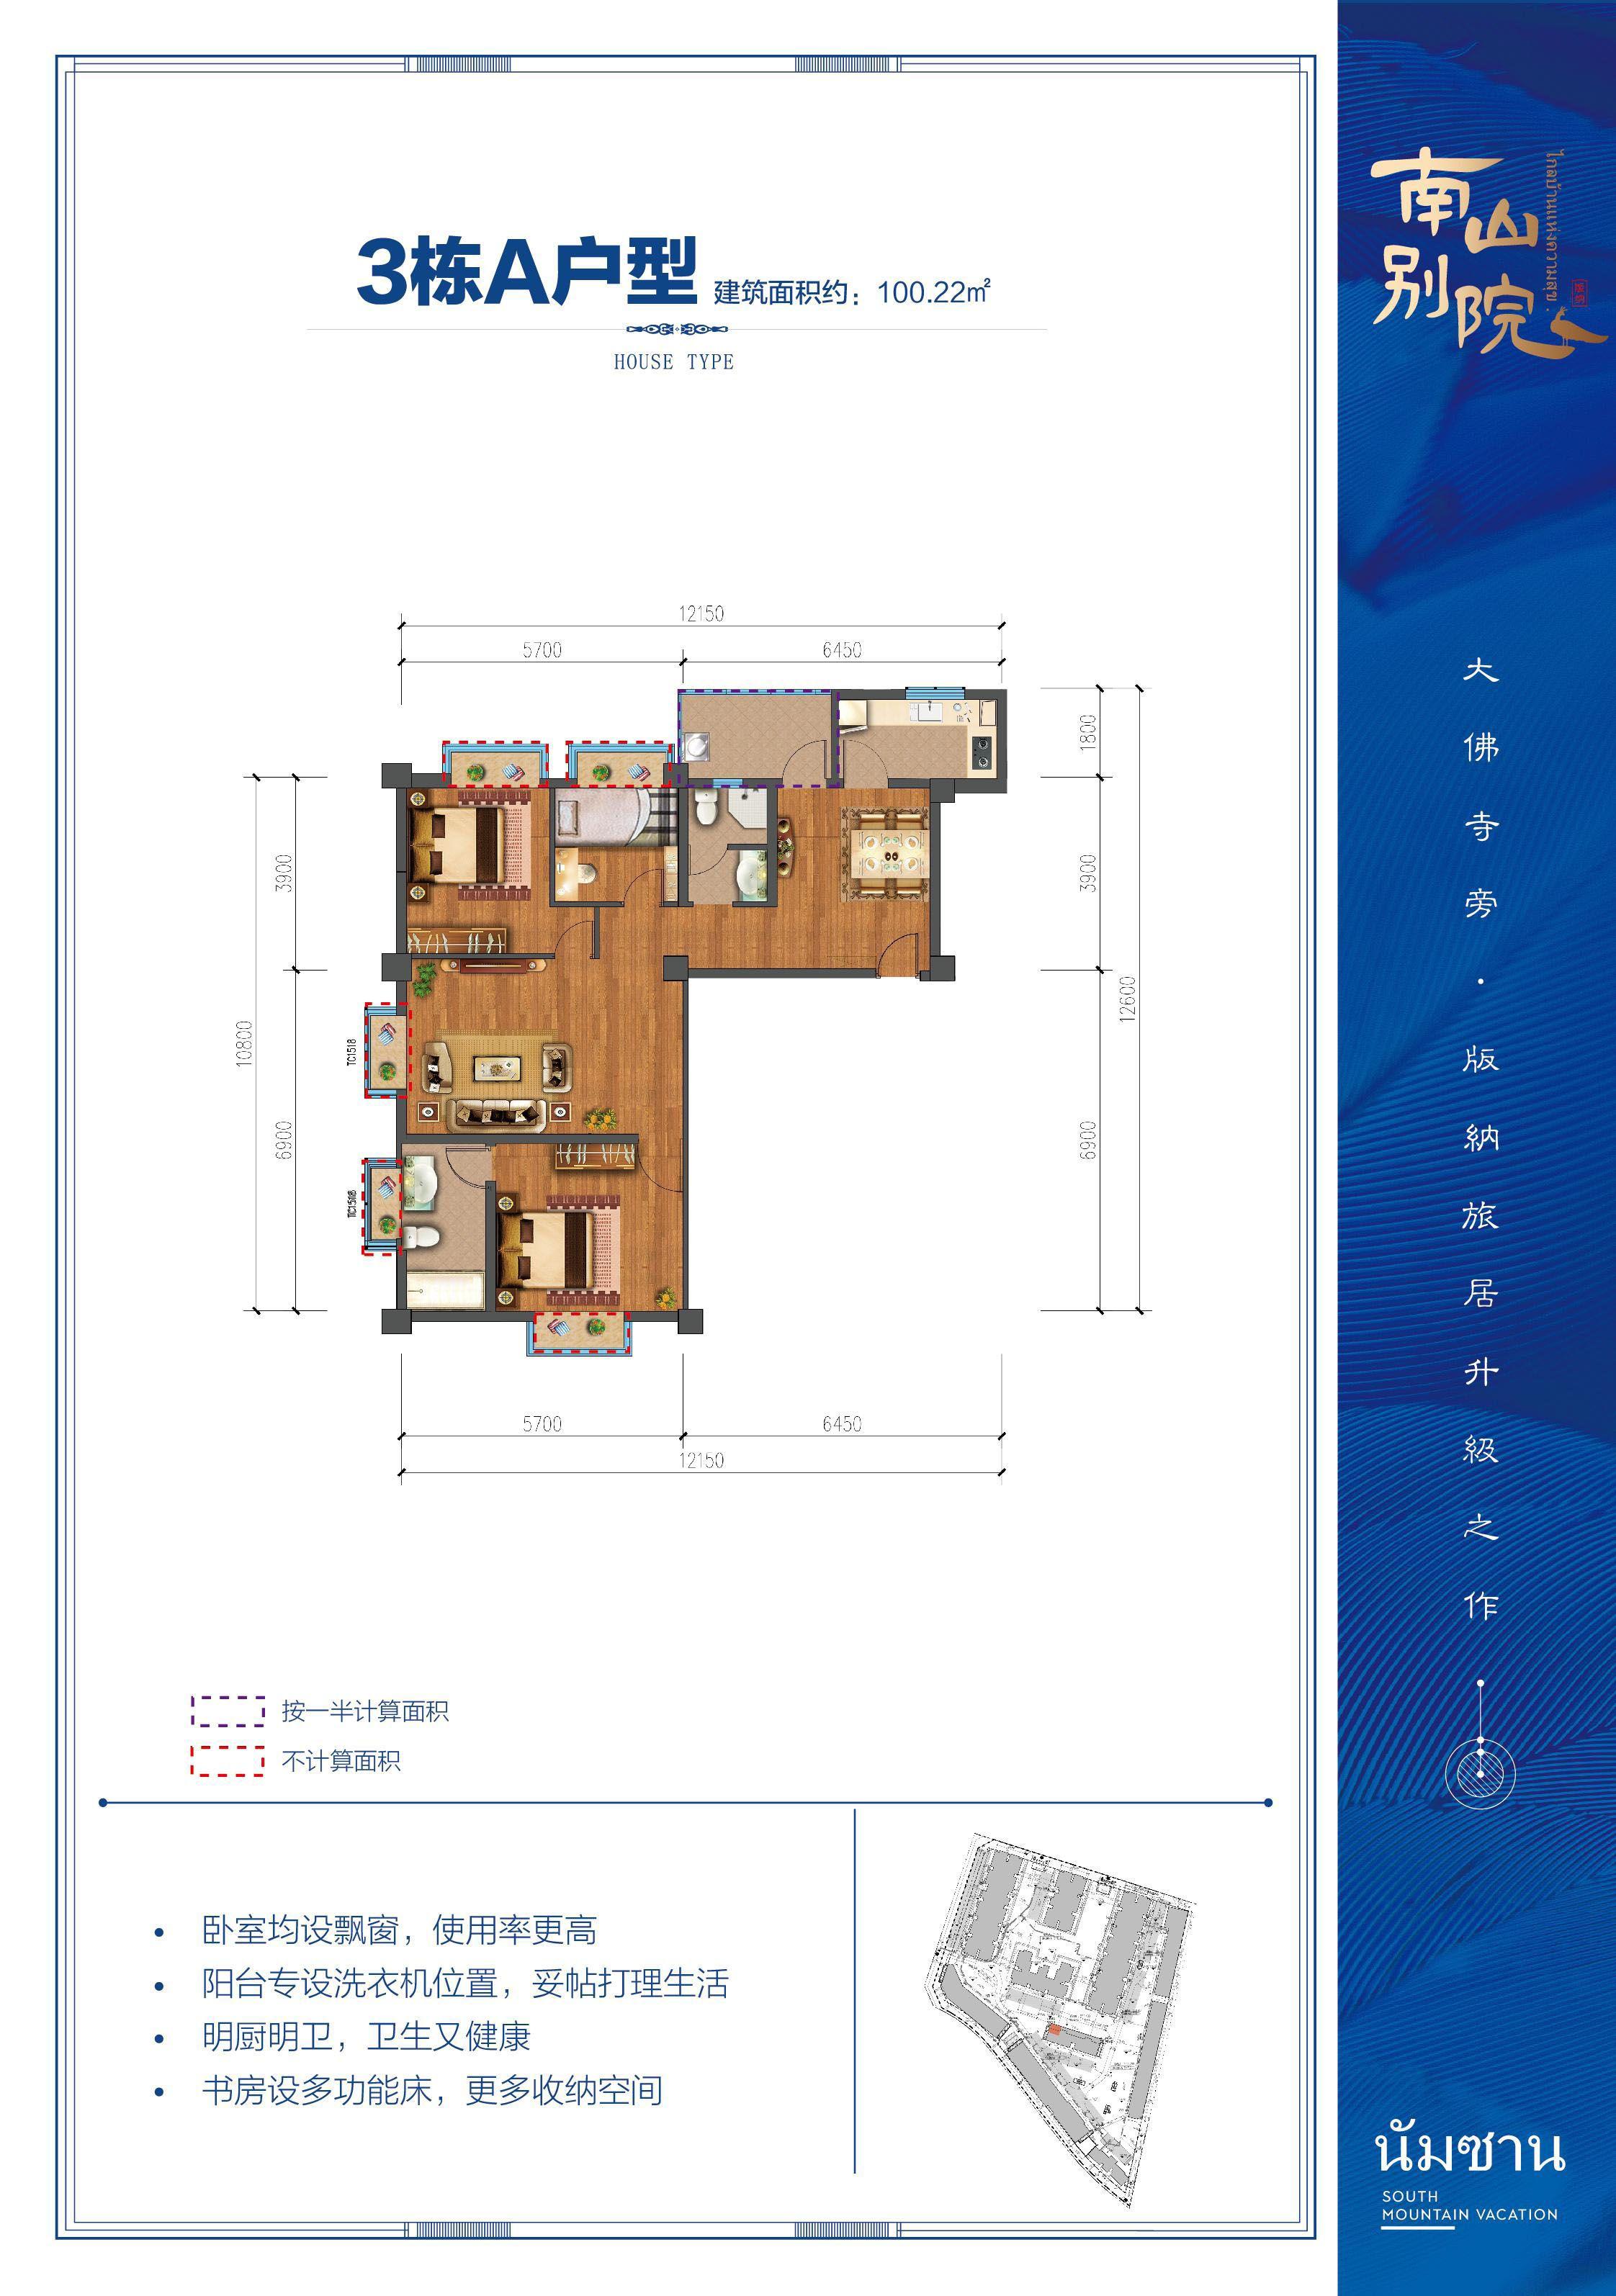 3栋A户型 3室2厅2卫1厨 建面100.22㎡